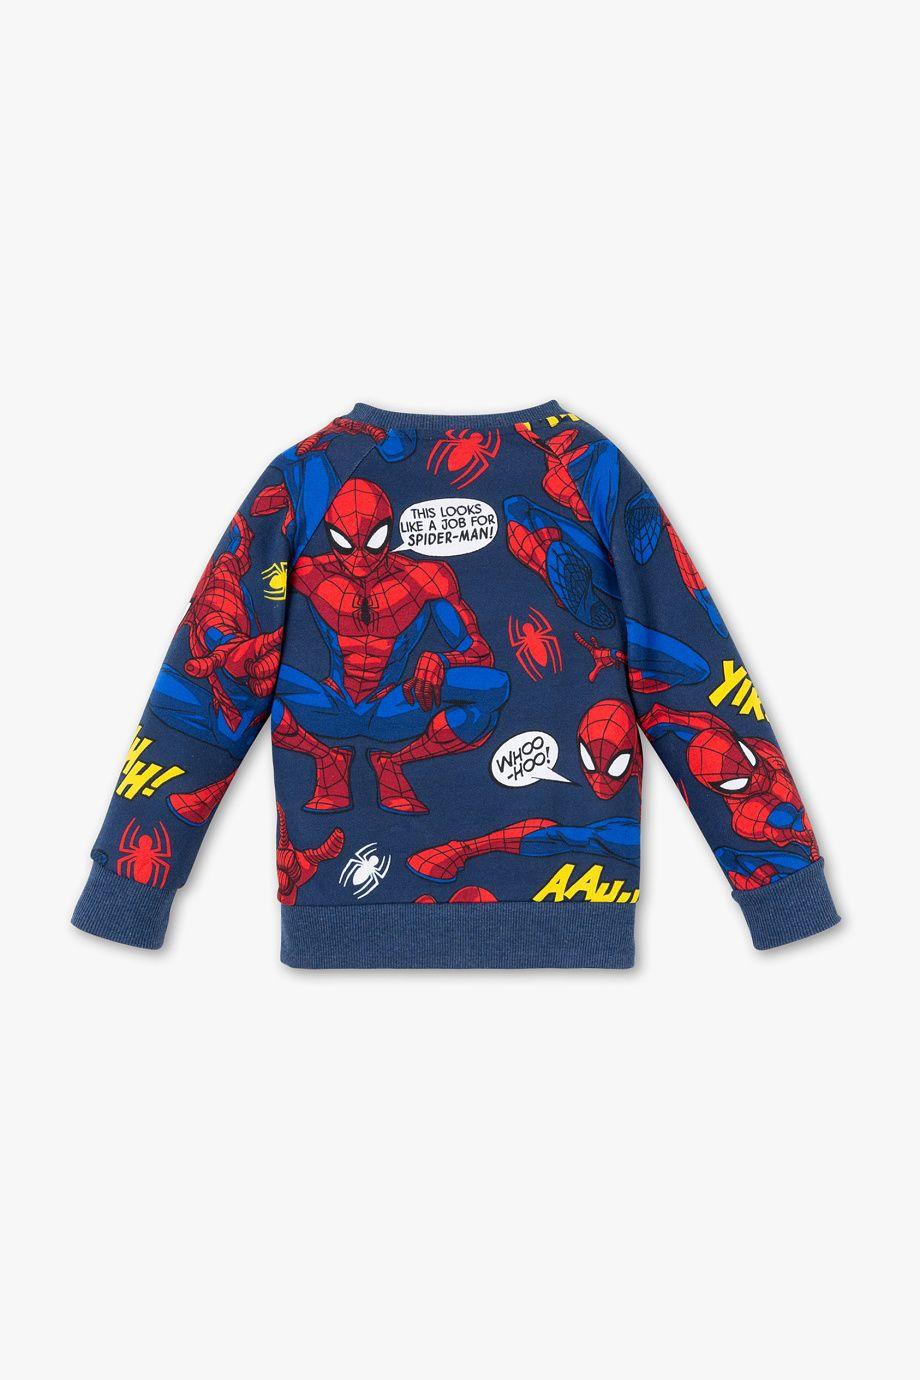 Spider Man Sweatshirt In 2021 Sweatshirts Spiderman Men Sweatshirt [ 1380 x 920 Pixel ]